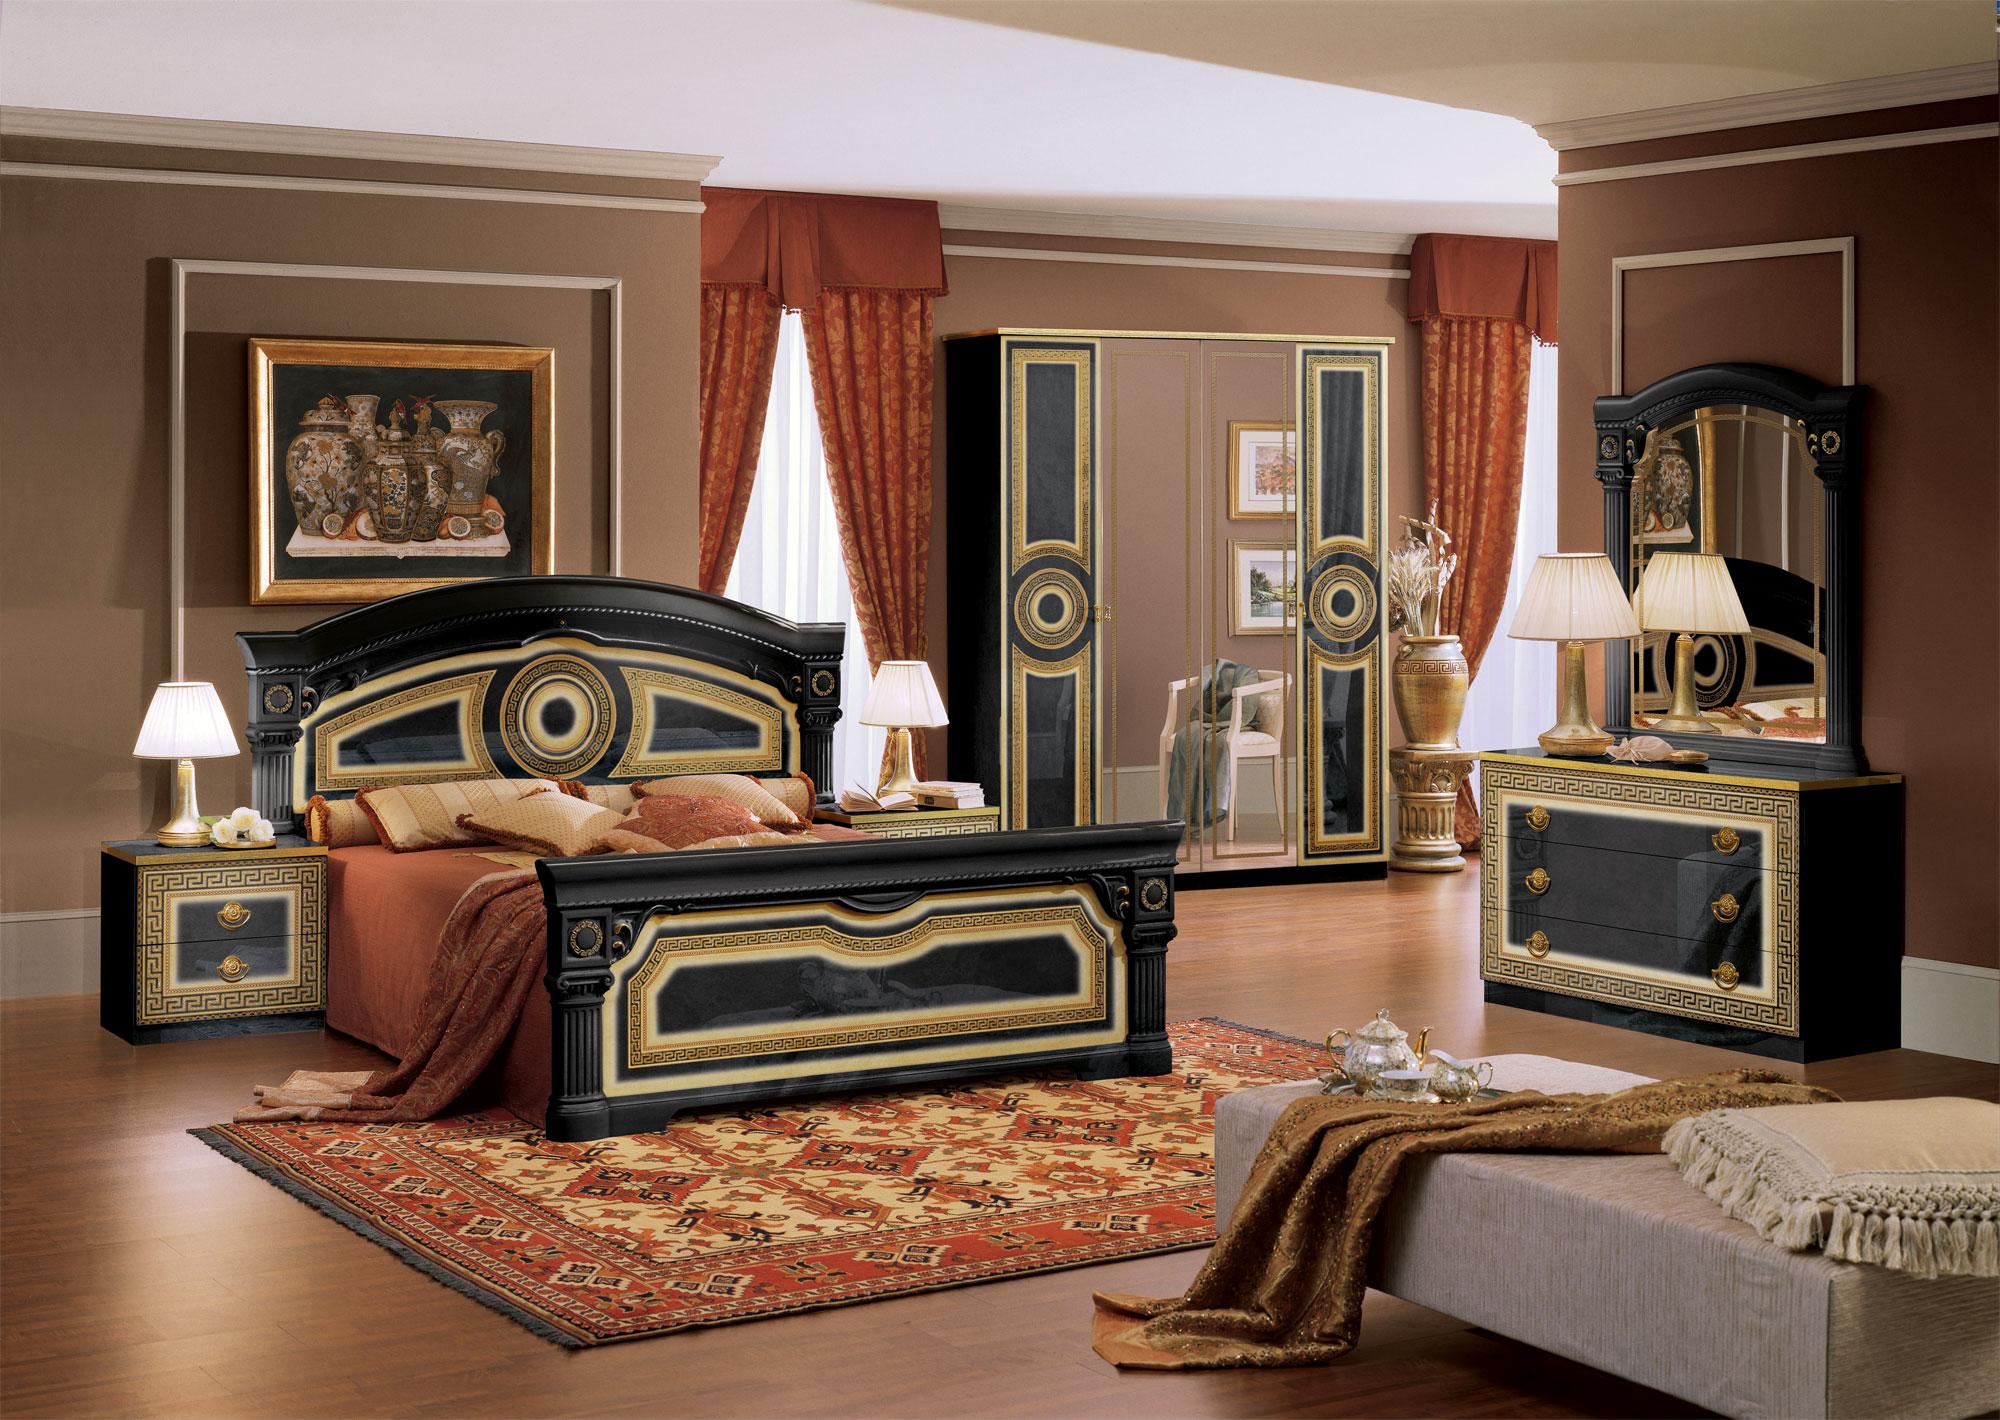 komplett schlafzimmer aida schrank bett nachttische frisierkommode spiegel neu ebay. Black Bedroom Furniture Sets. Home Design Ideas